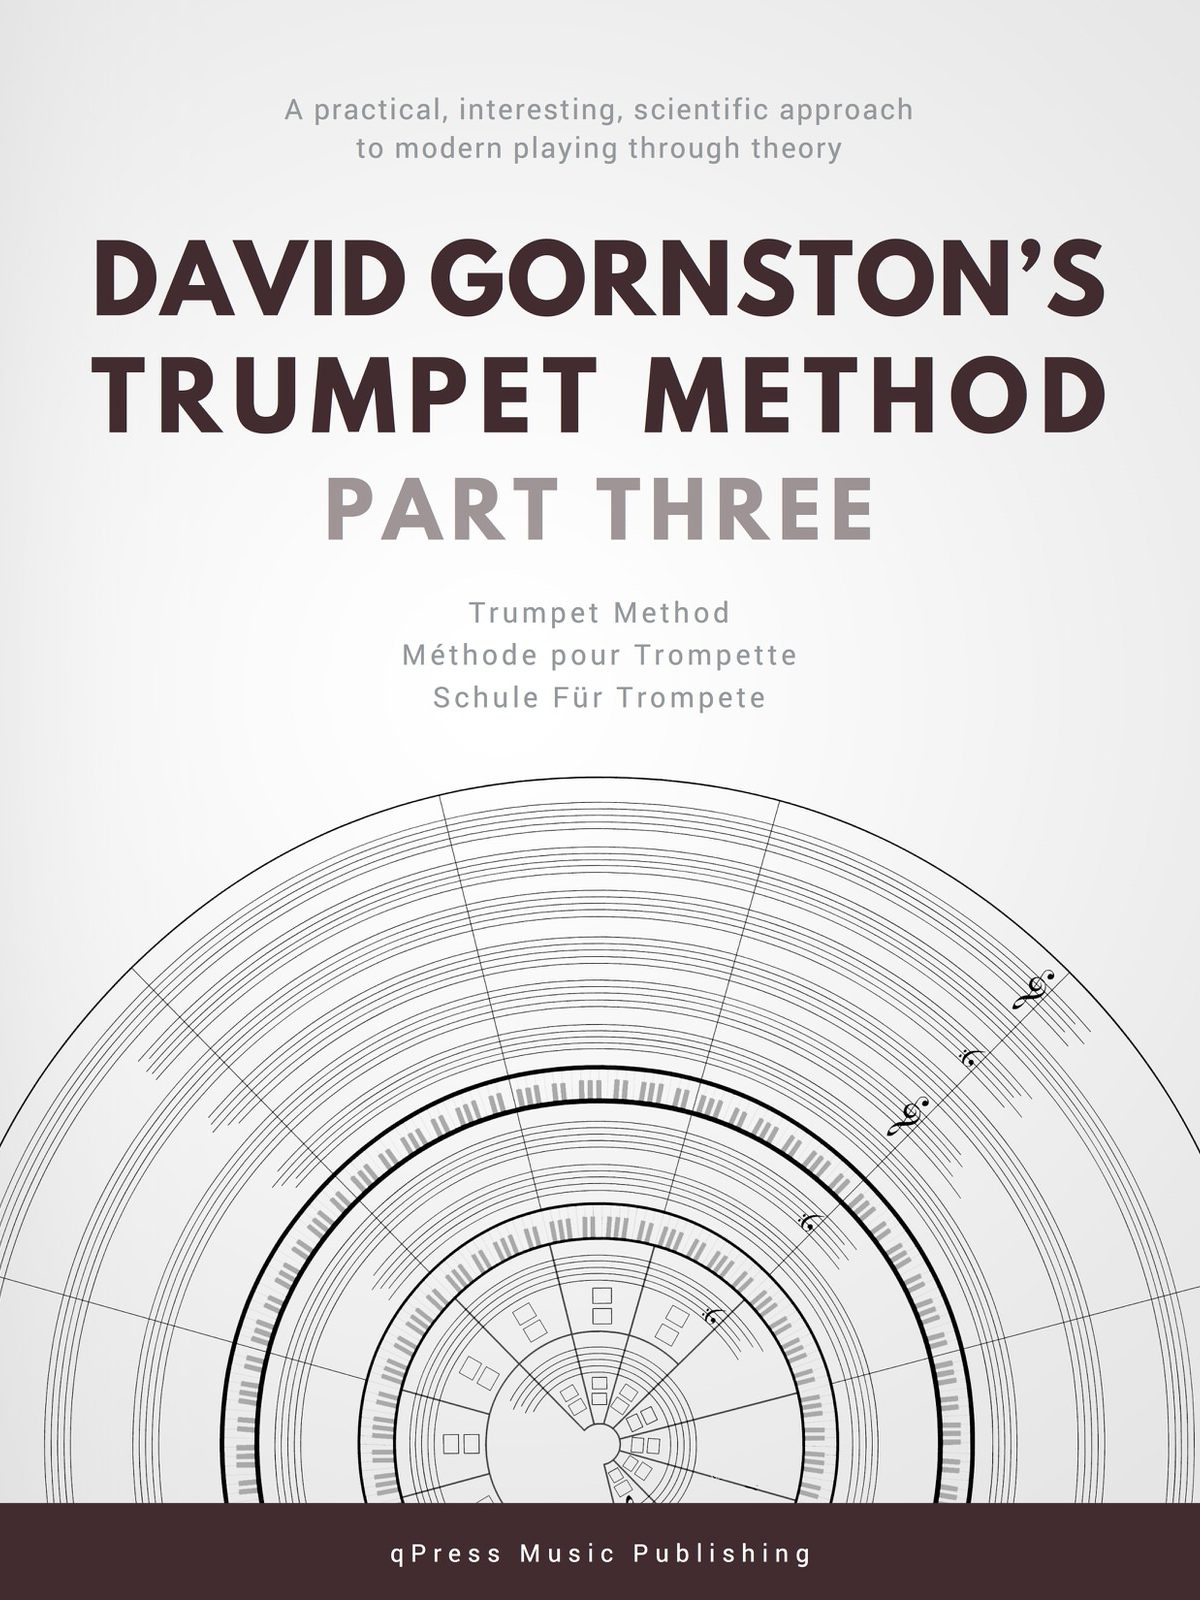 Gornston, Trumpet Method Part 3-p01